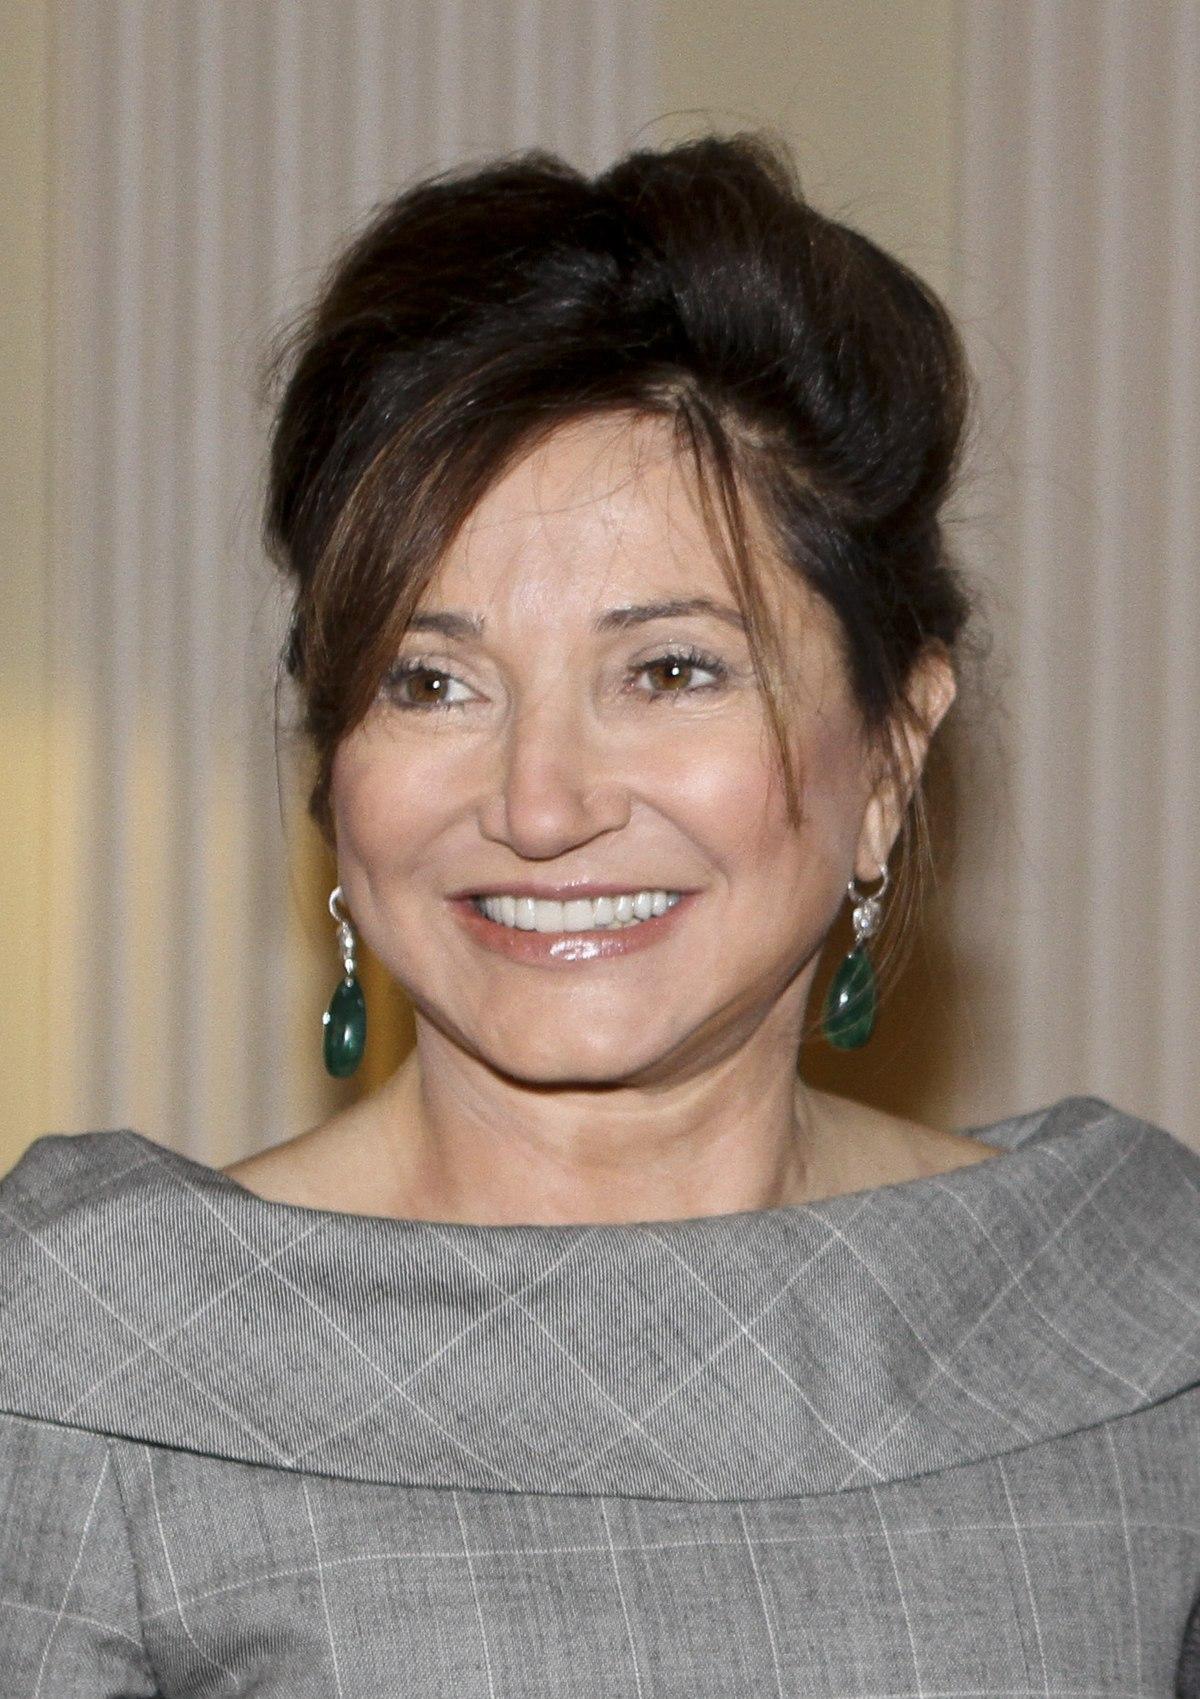 Dorrit Moussaieff Wikipedia